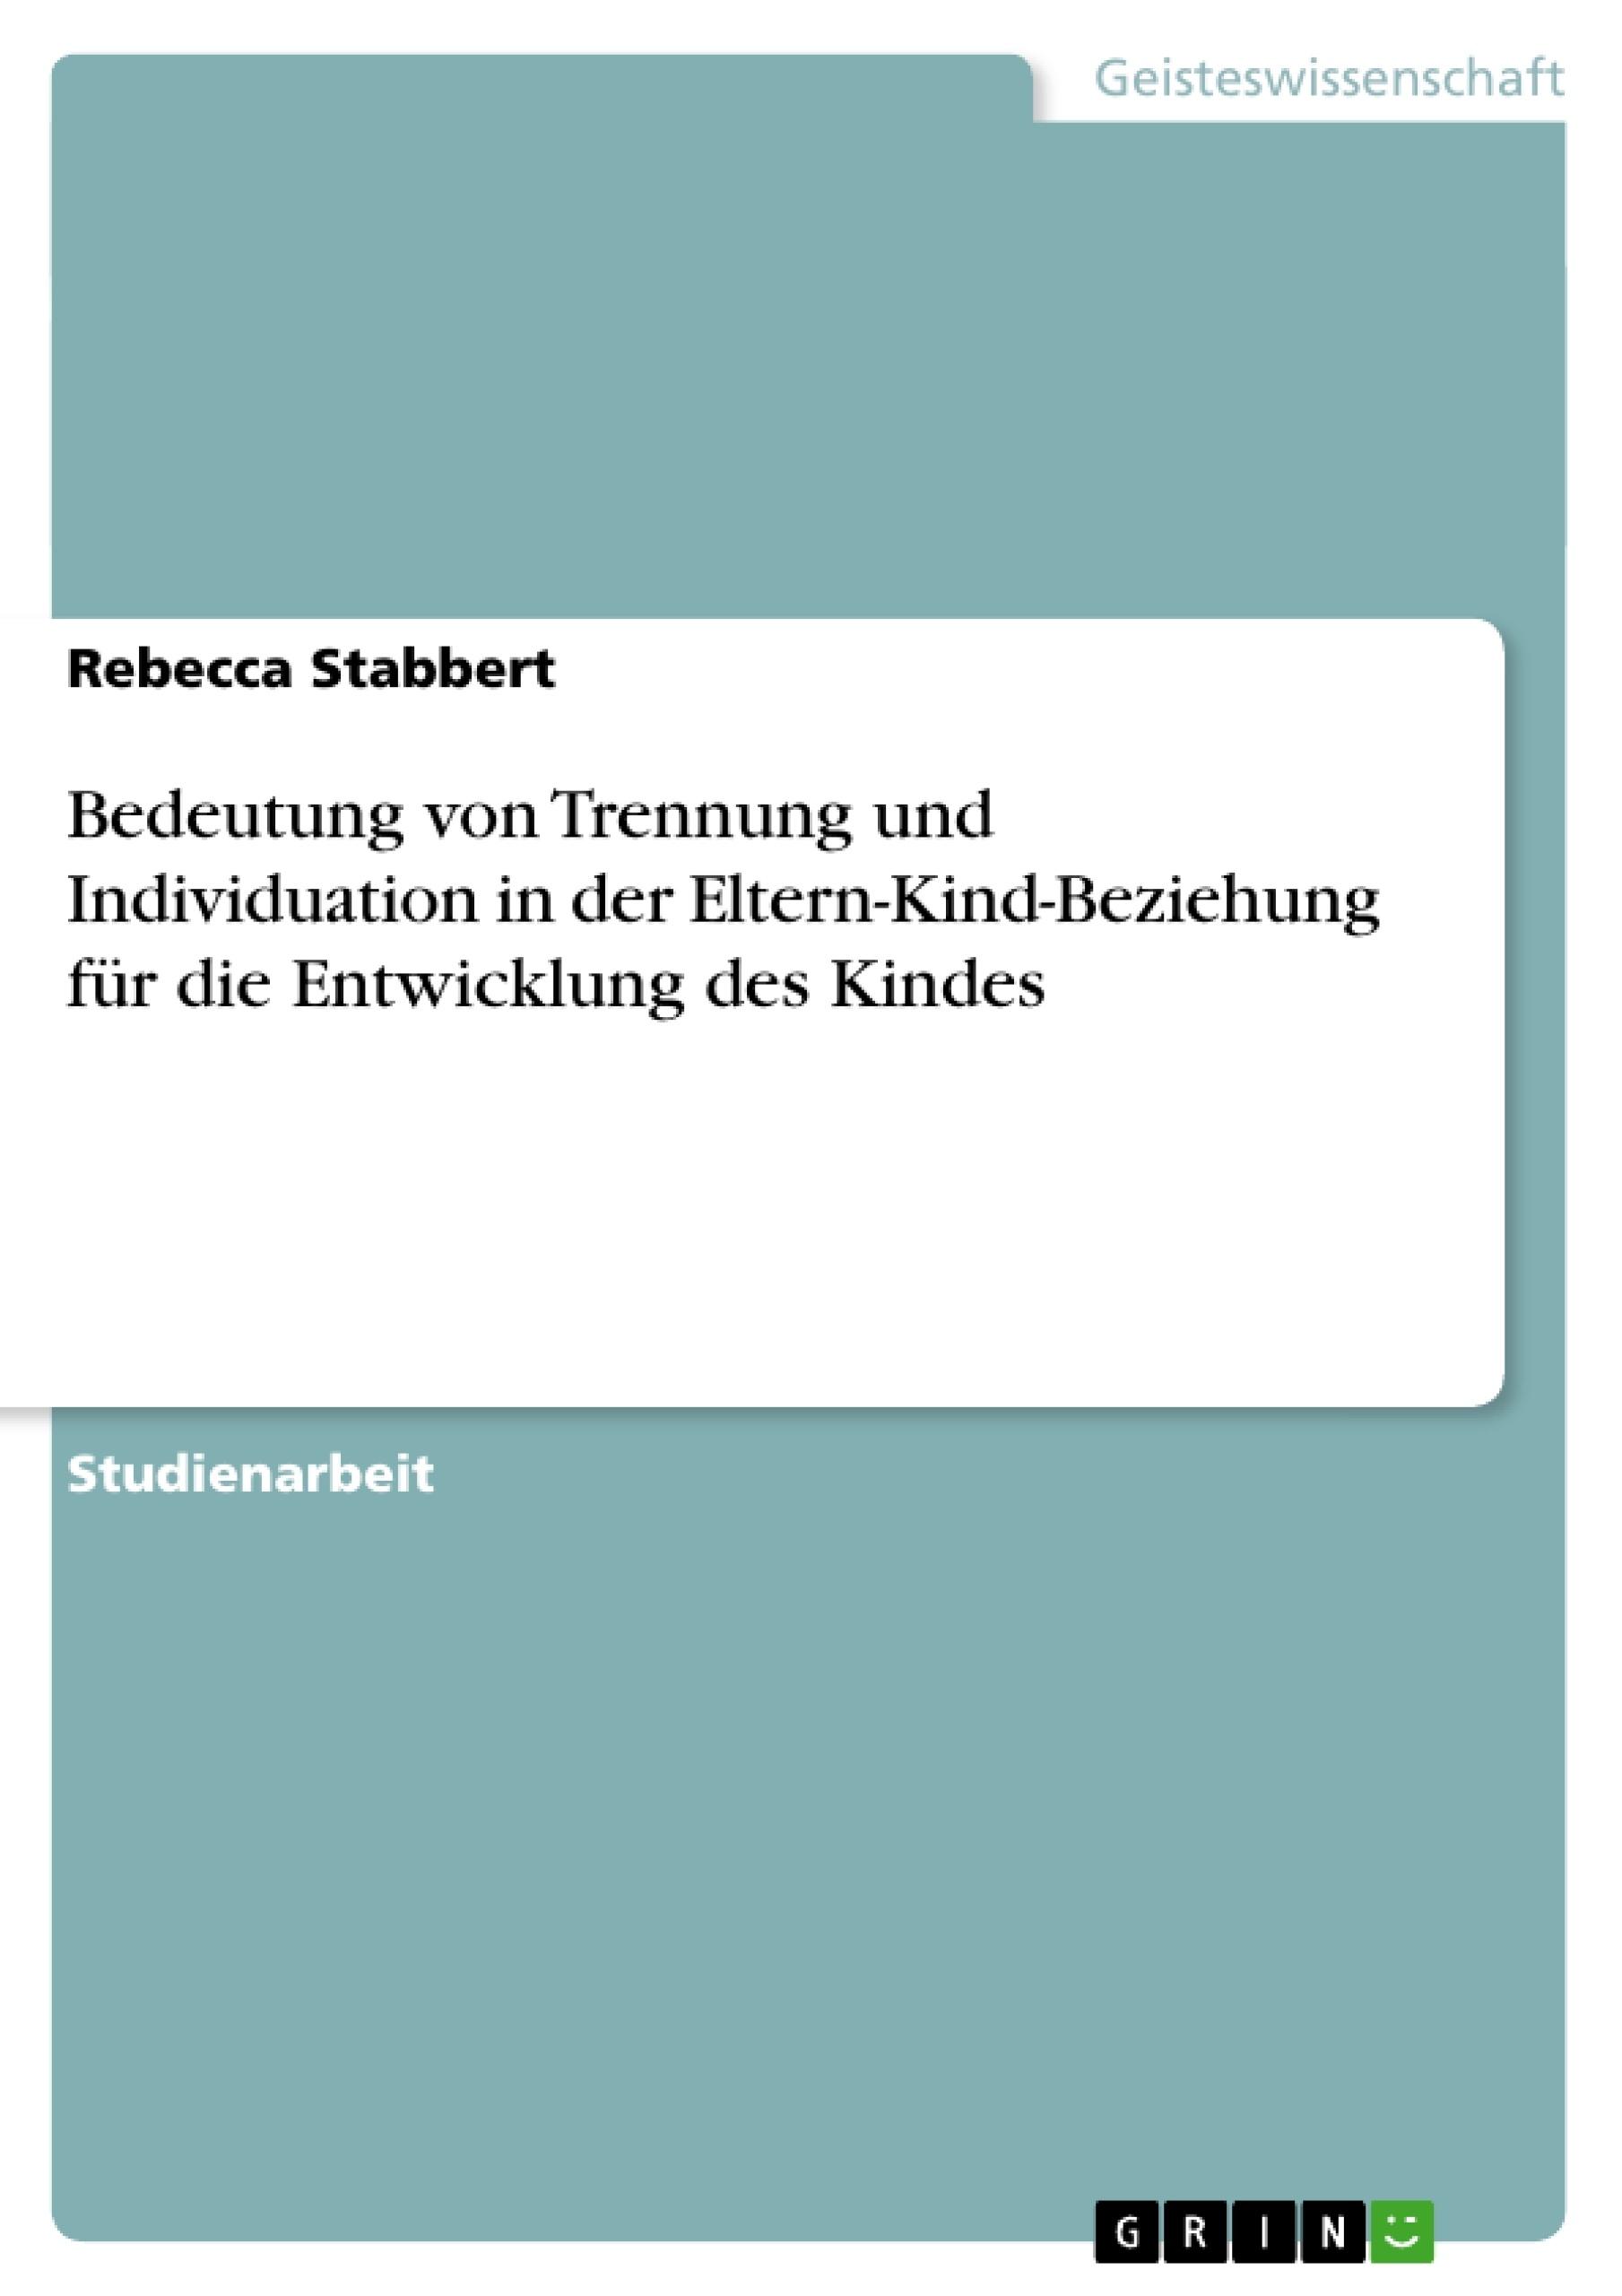 Titel: Bedeutung von Trennung und Individuation in der Eltern-Kind-Beziehung für die Entwicklung des Kindes